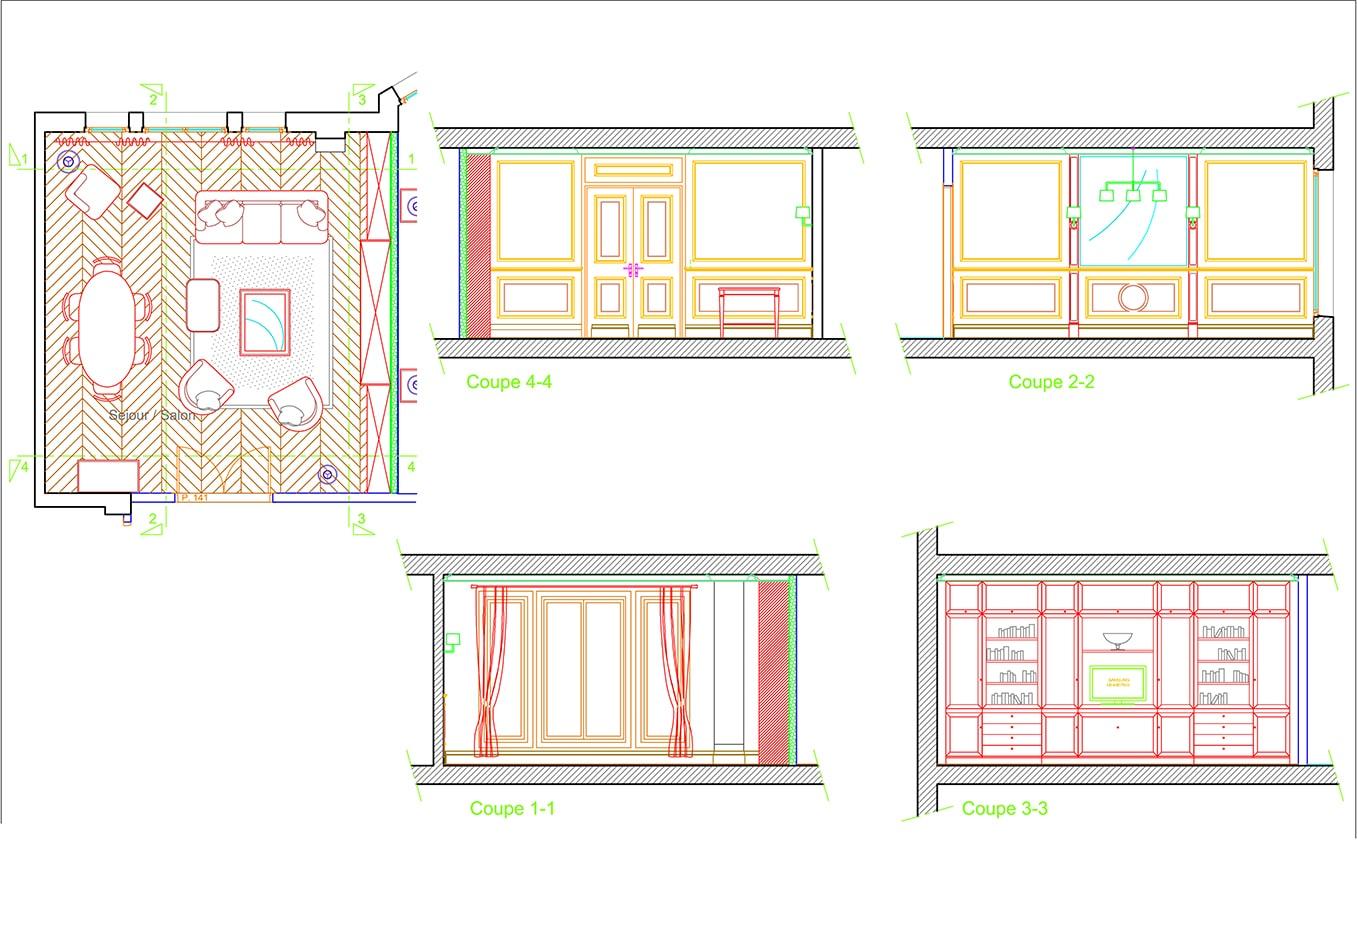 Plan Séjour conception de mobilier & maîtrise d'œuvre avec Agencement Concept Group